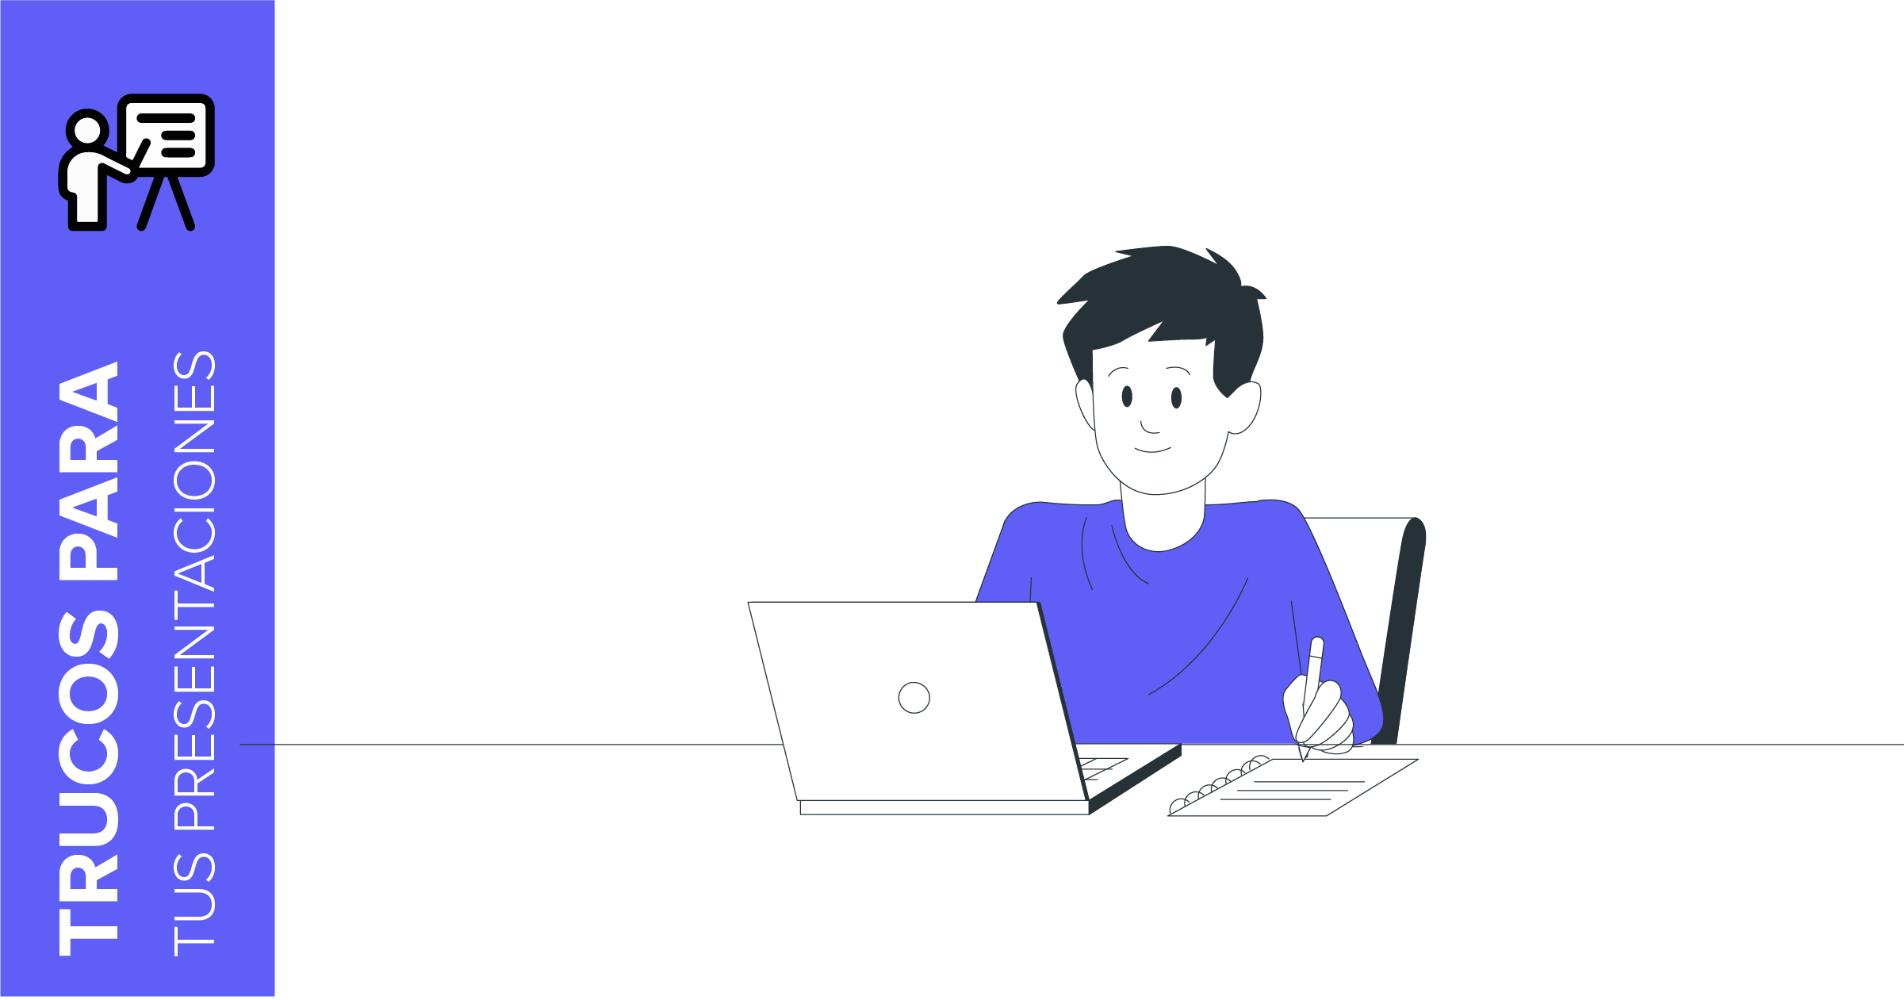 Crea presentaciones interesantes para tus clases online | Tutoriales y Tips para tus presentaciones